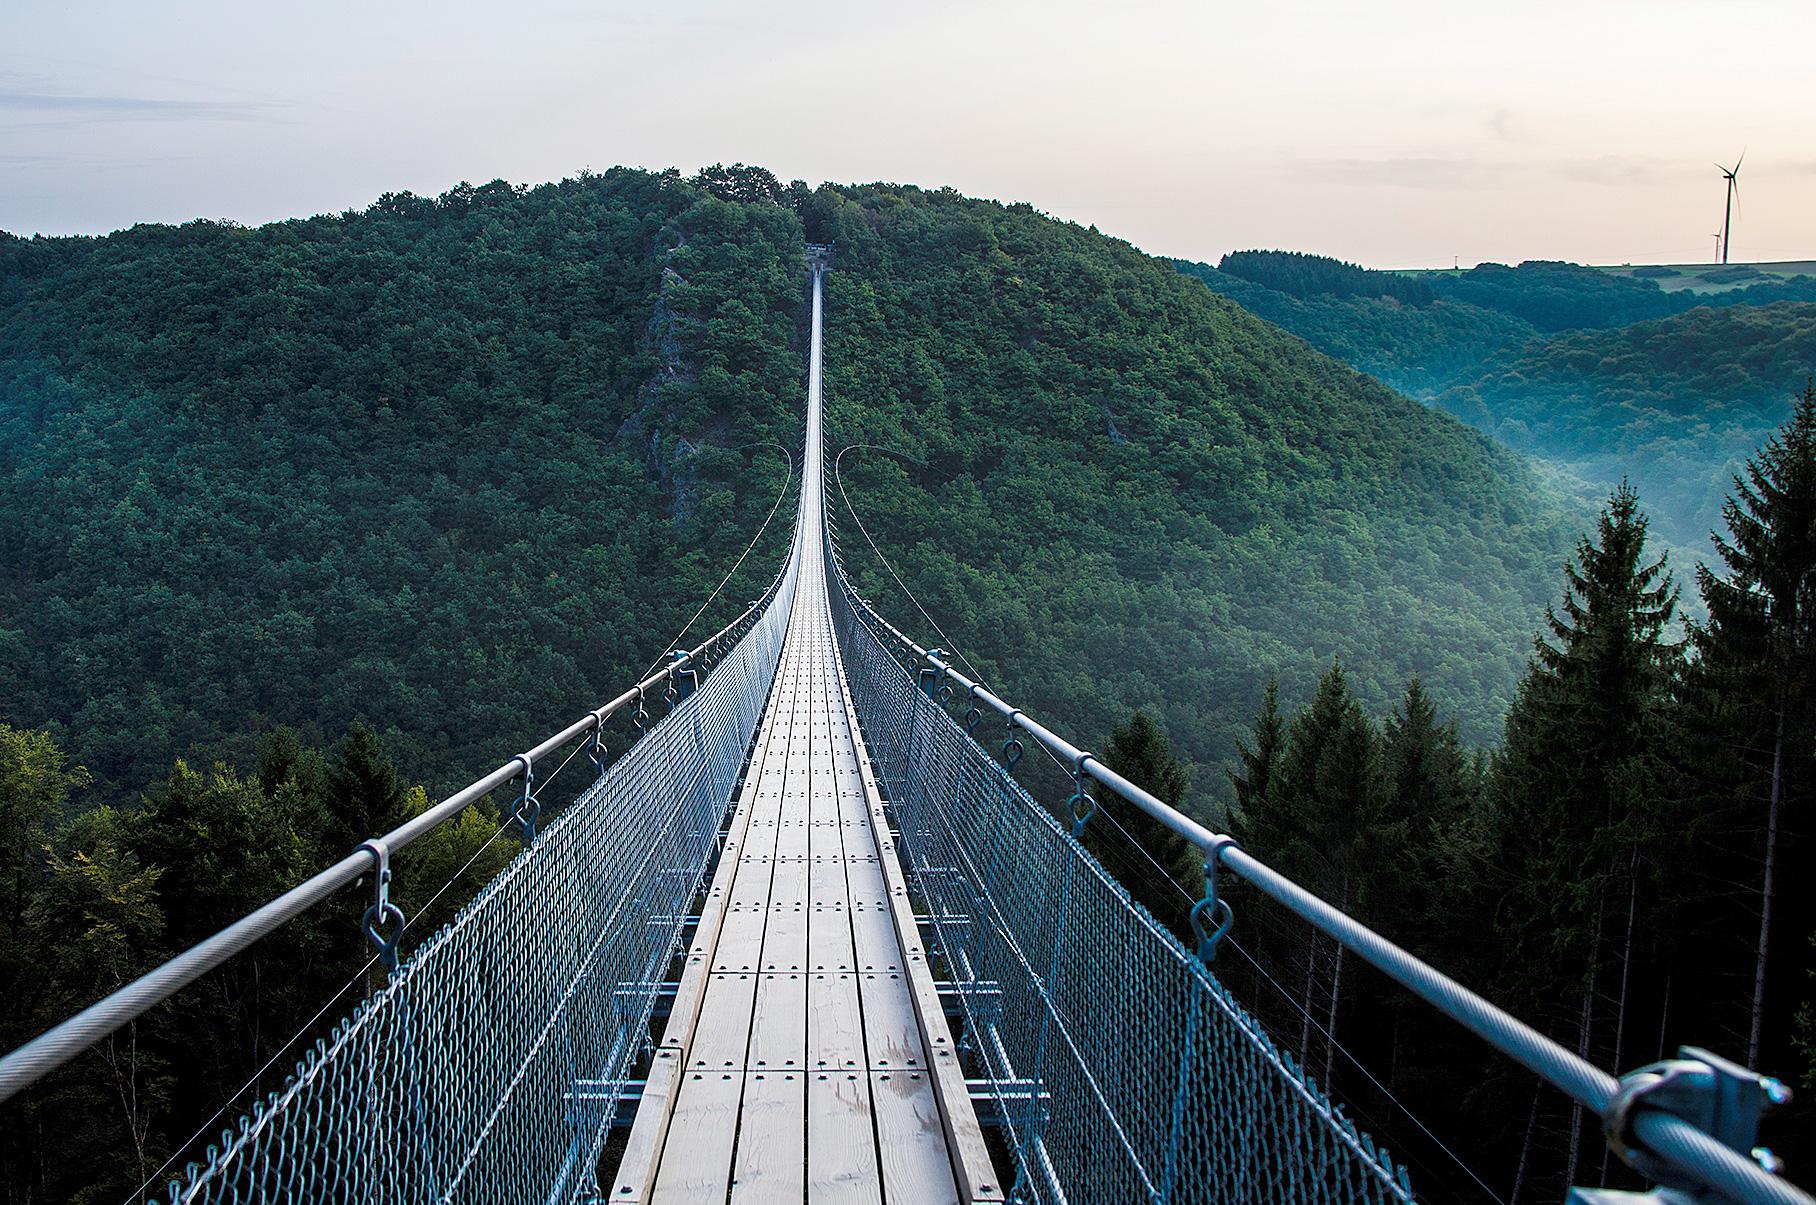 Die Hängebrücke in Hunsrück erinnert an die größte Fußgängerbrücke in der Schweiz